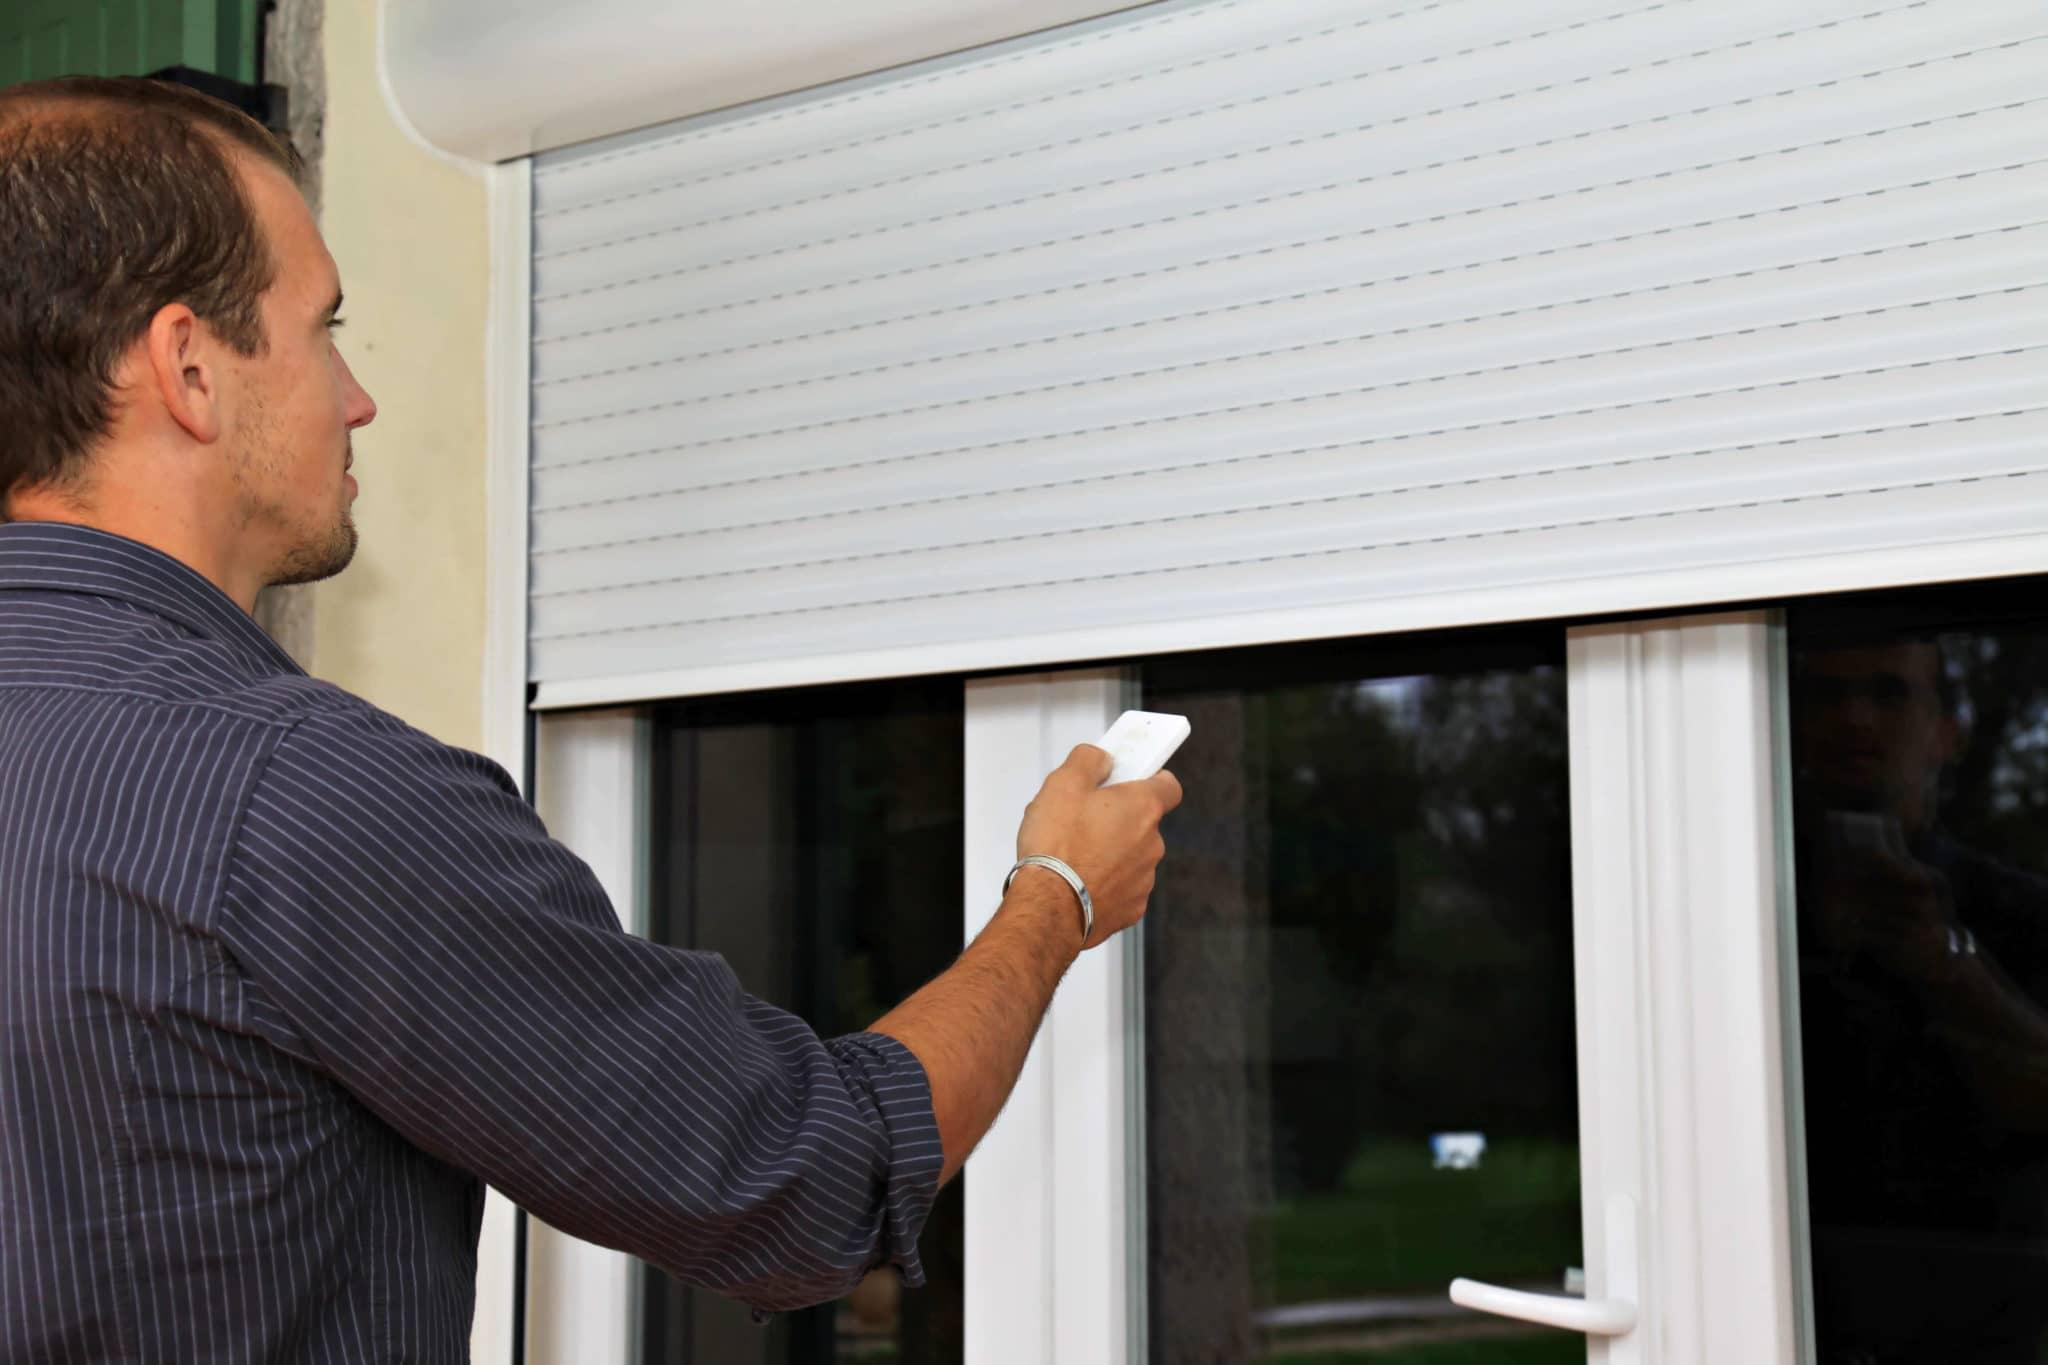 Domótica en el hogar - con un mando bajamos la persiana